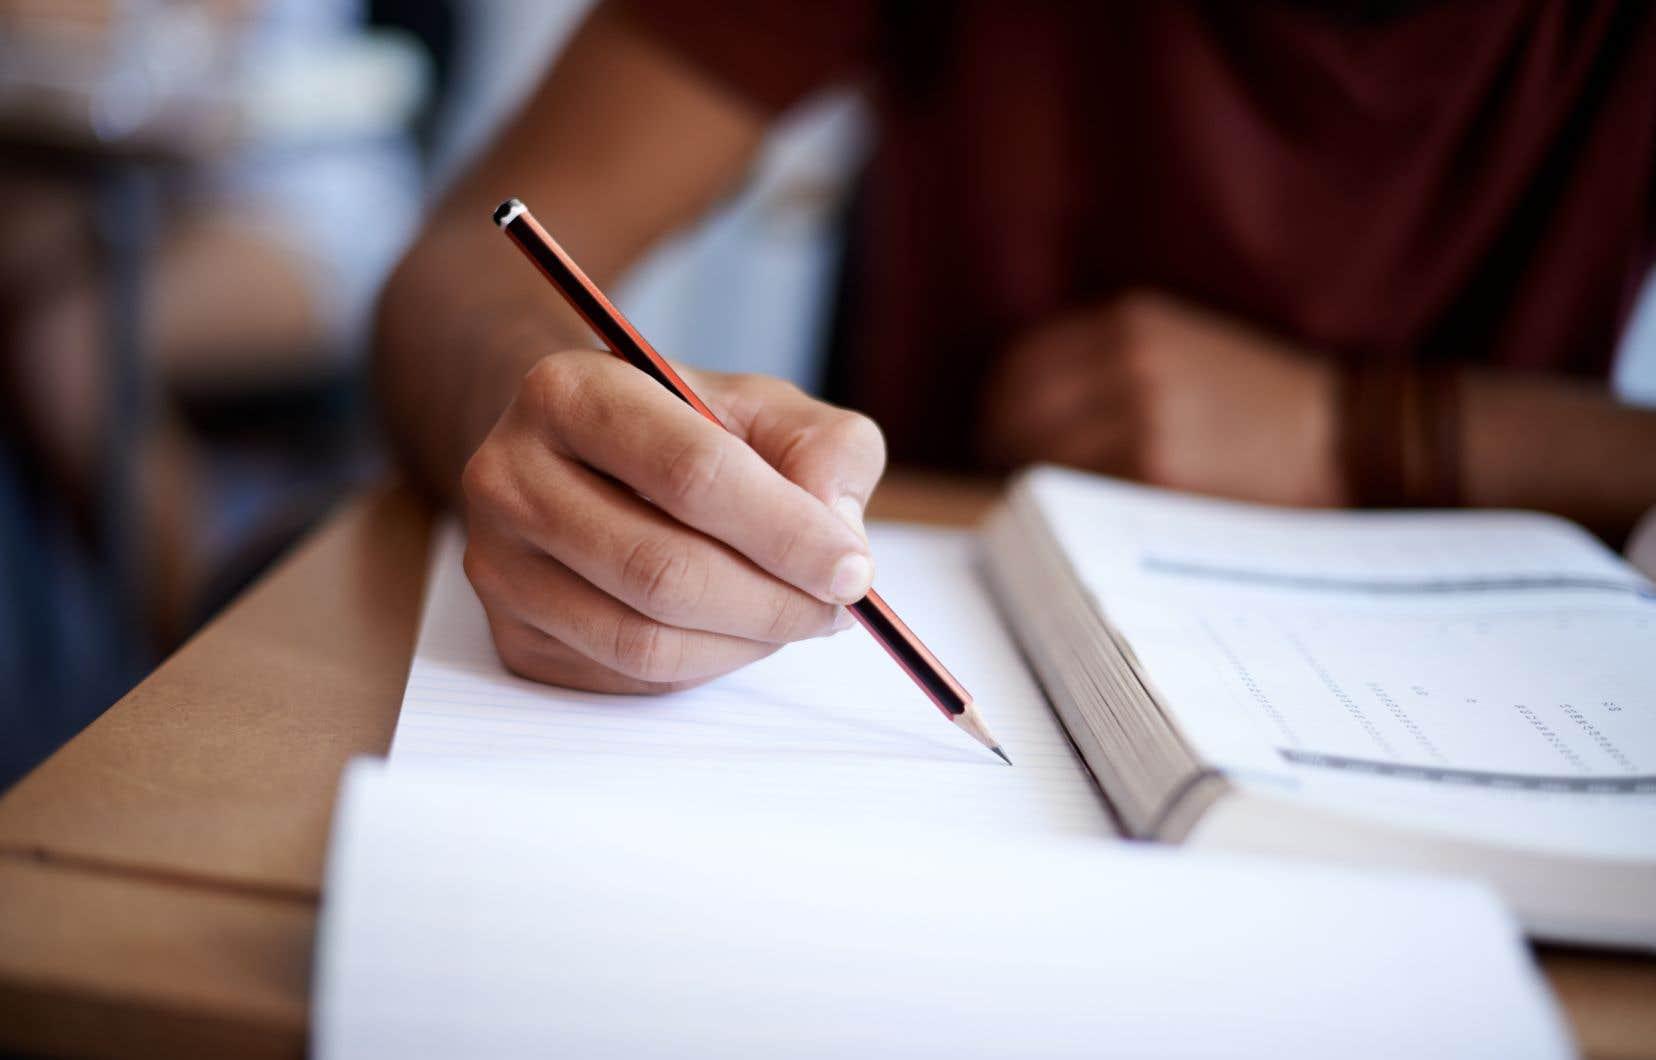 «Si on demande aux profs de devancer les évaluations, il faut densifier la prestation des cours, éliminer des contenus, […] préparer en catastrophe des étudiants», a déploré la présidente de la Fédération des enseignantes et des enseignants de cégep.